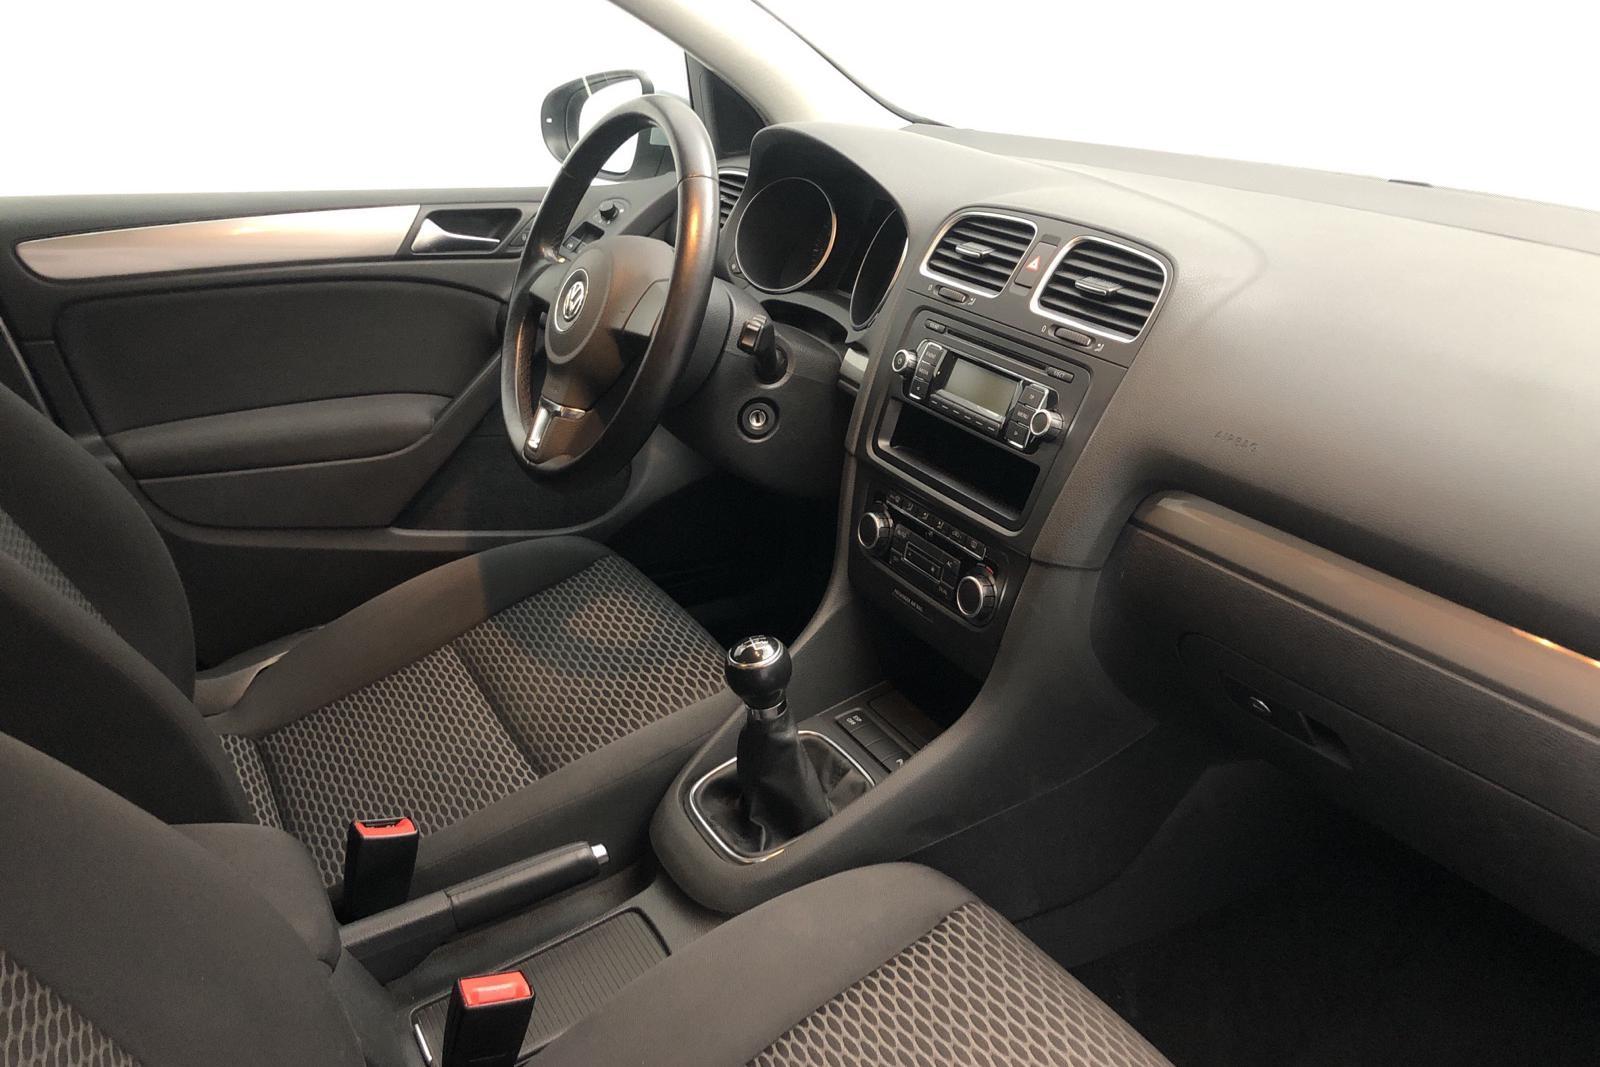 VW Golf VI 1.4 5dr (80hk) - 75 000 km - Manual - silver - 2010